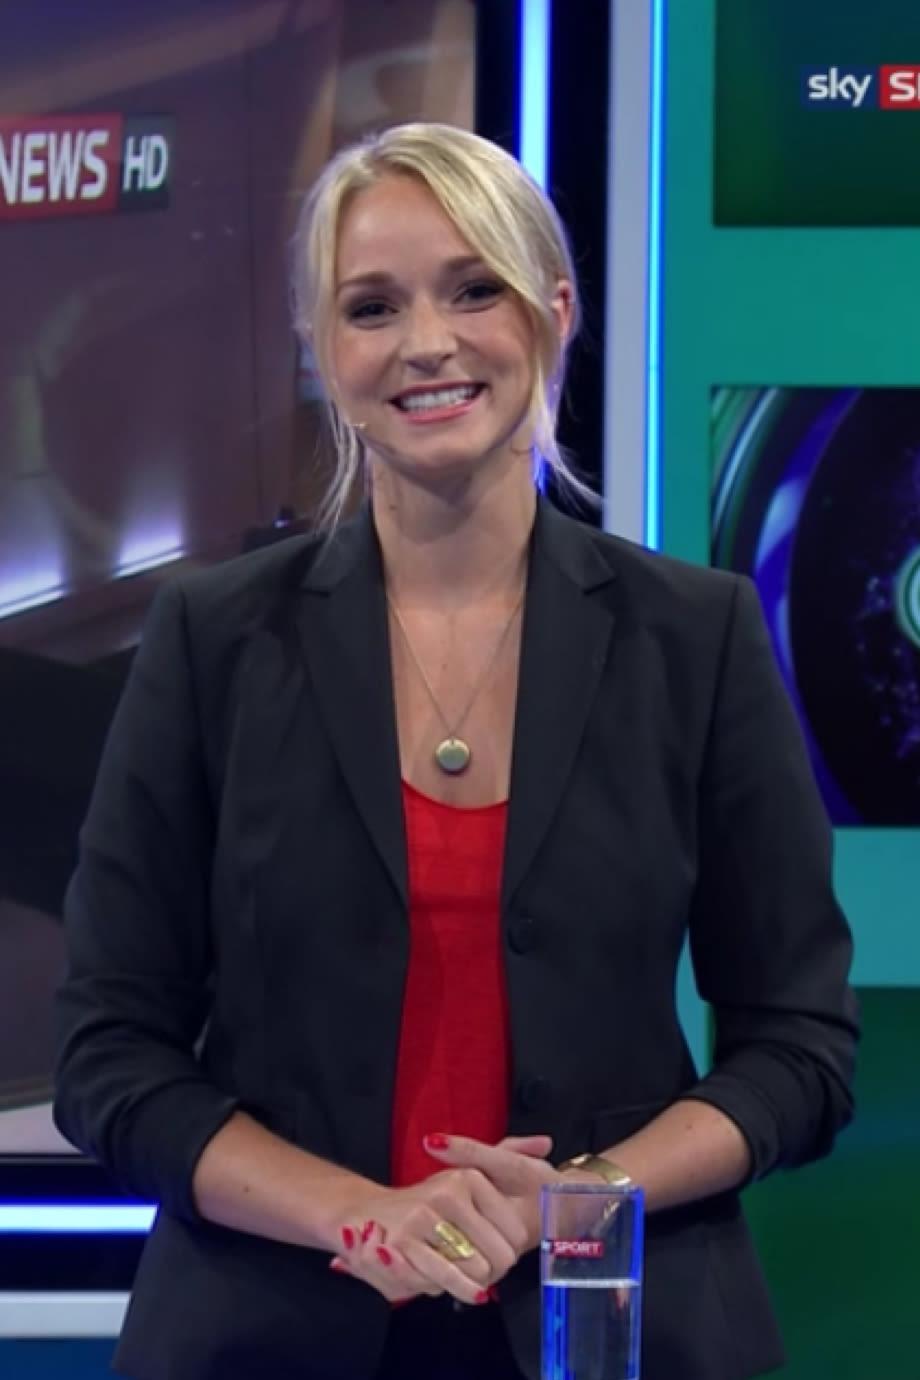 Moderatorinnen sky hd sport news Model wird